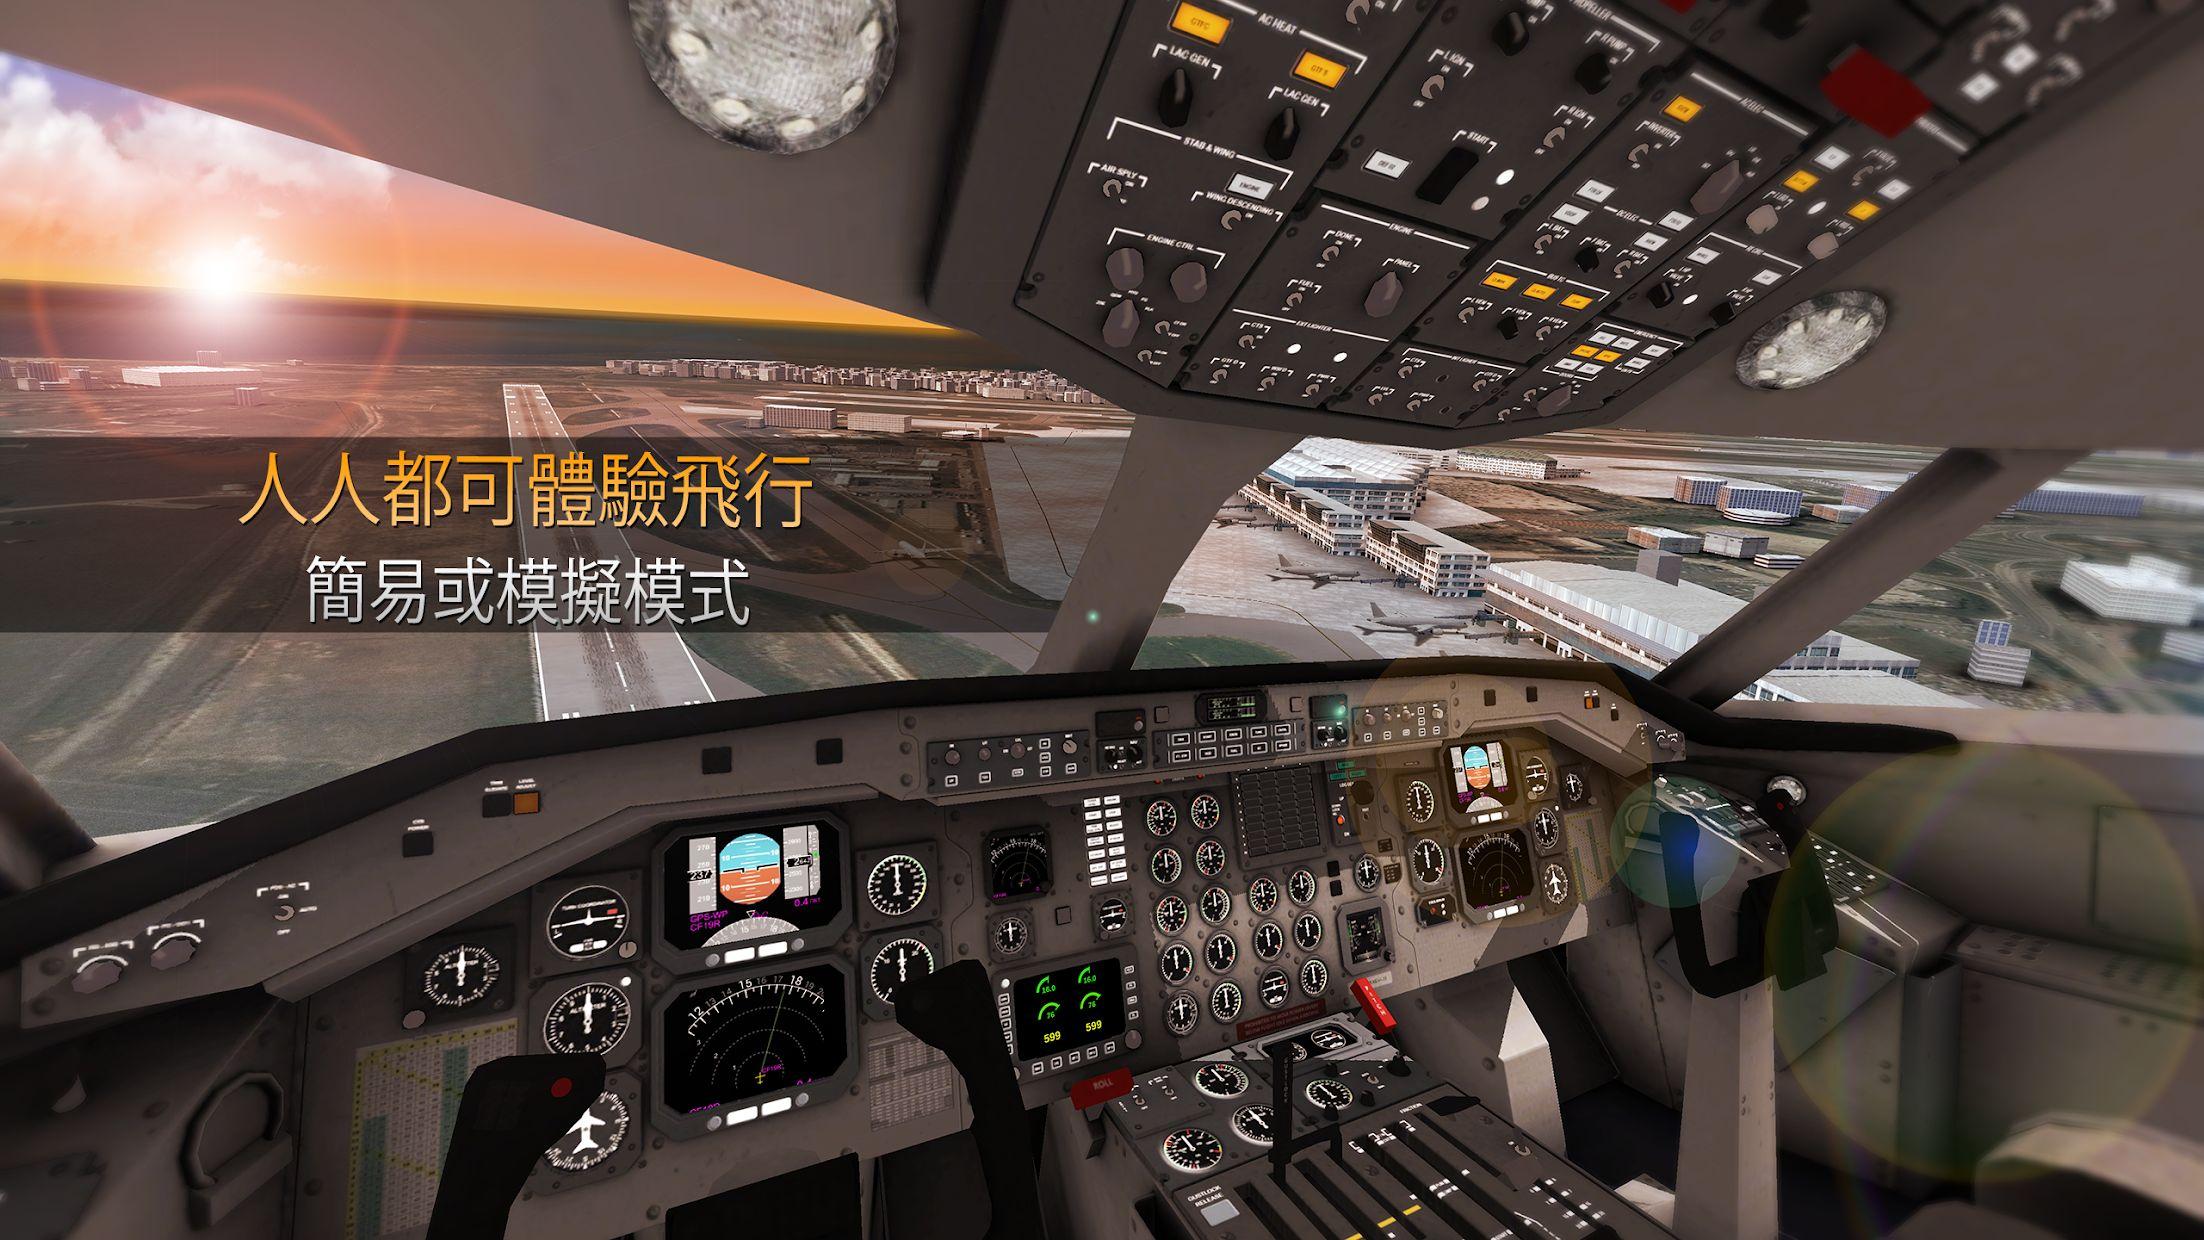 航空管制员(AIRLINE COMMANDER) 游戏截图5